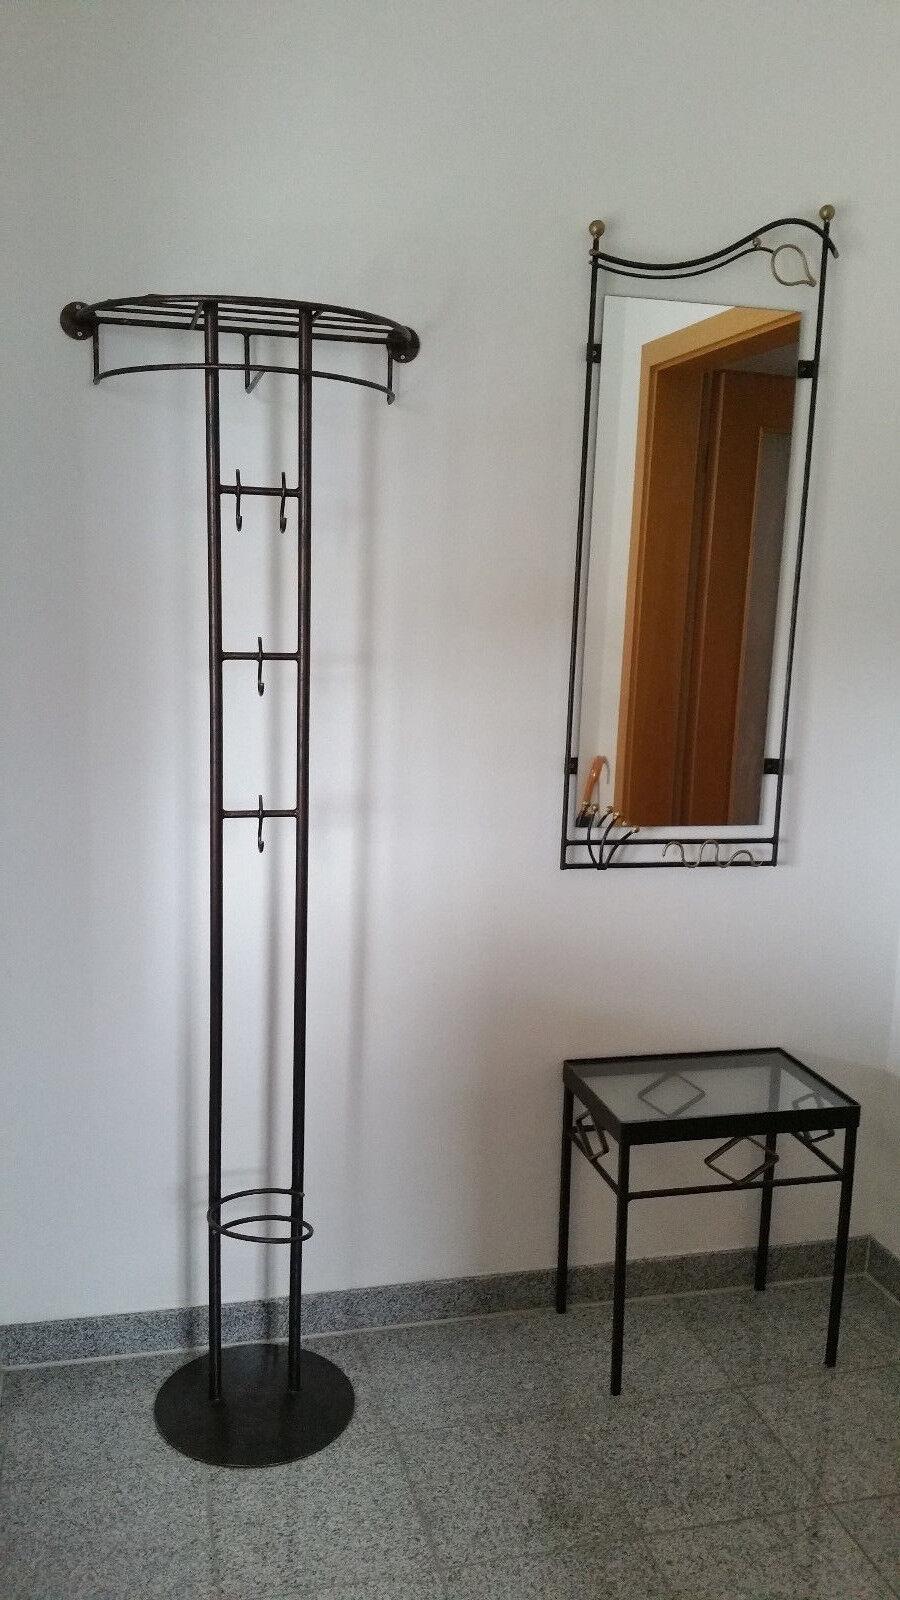 Kleiderständer Schirmständer Hutablage Spiegel Tisch Dielenmöbel GarderobeMetall